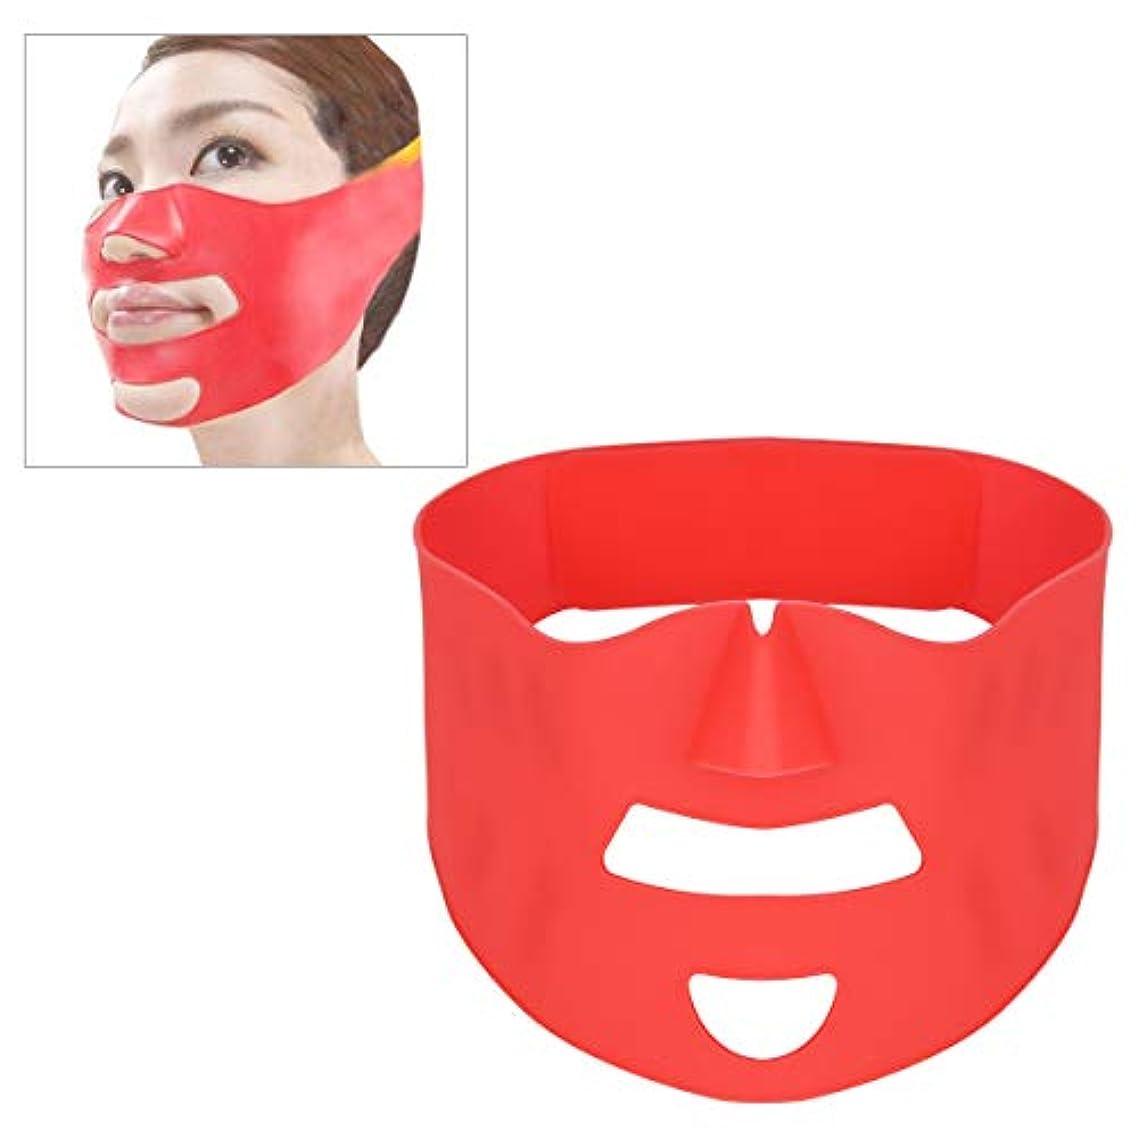 の頭の上雷雨成熟フェイスベルト 小顔 マスク リフトアップ 美顔 シリコン 抗しわ 皮膚改善 軽量 引き締め 引き上げマスク